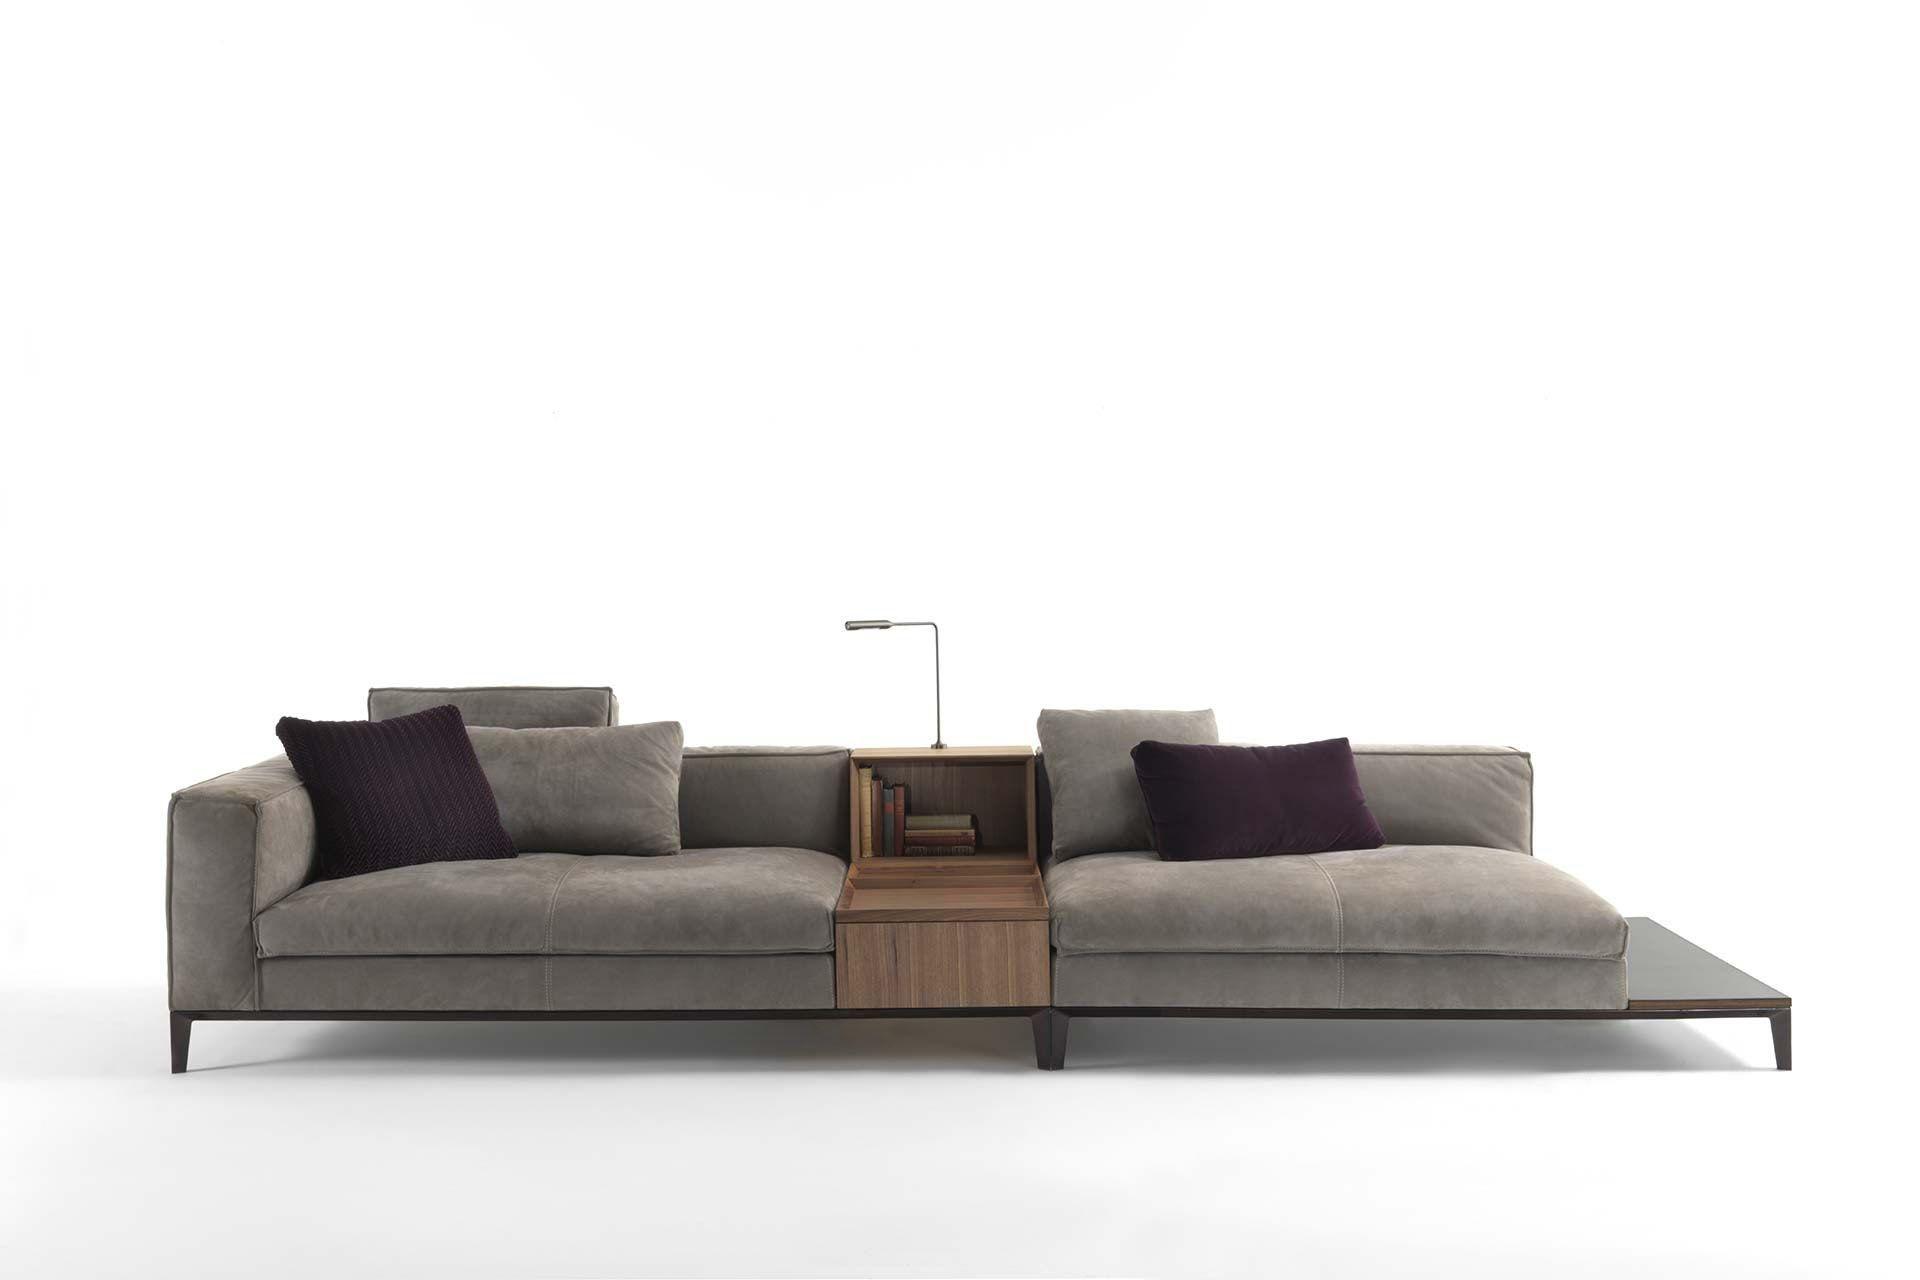 Frigerio Poltrone e Divani - Divani - Taylor | Furniture ...